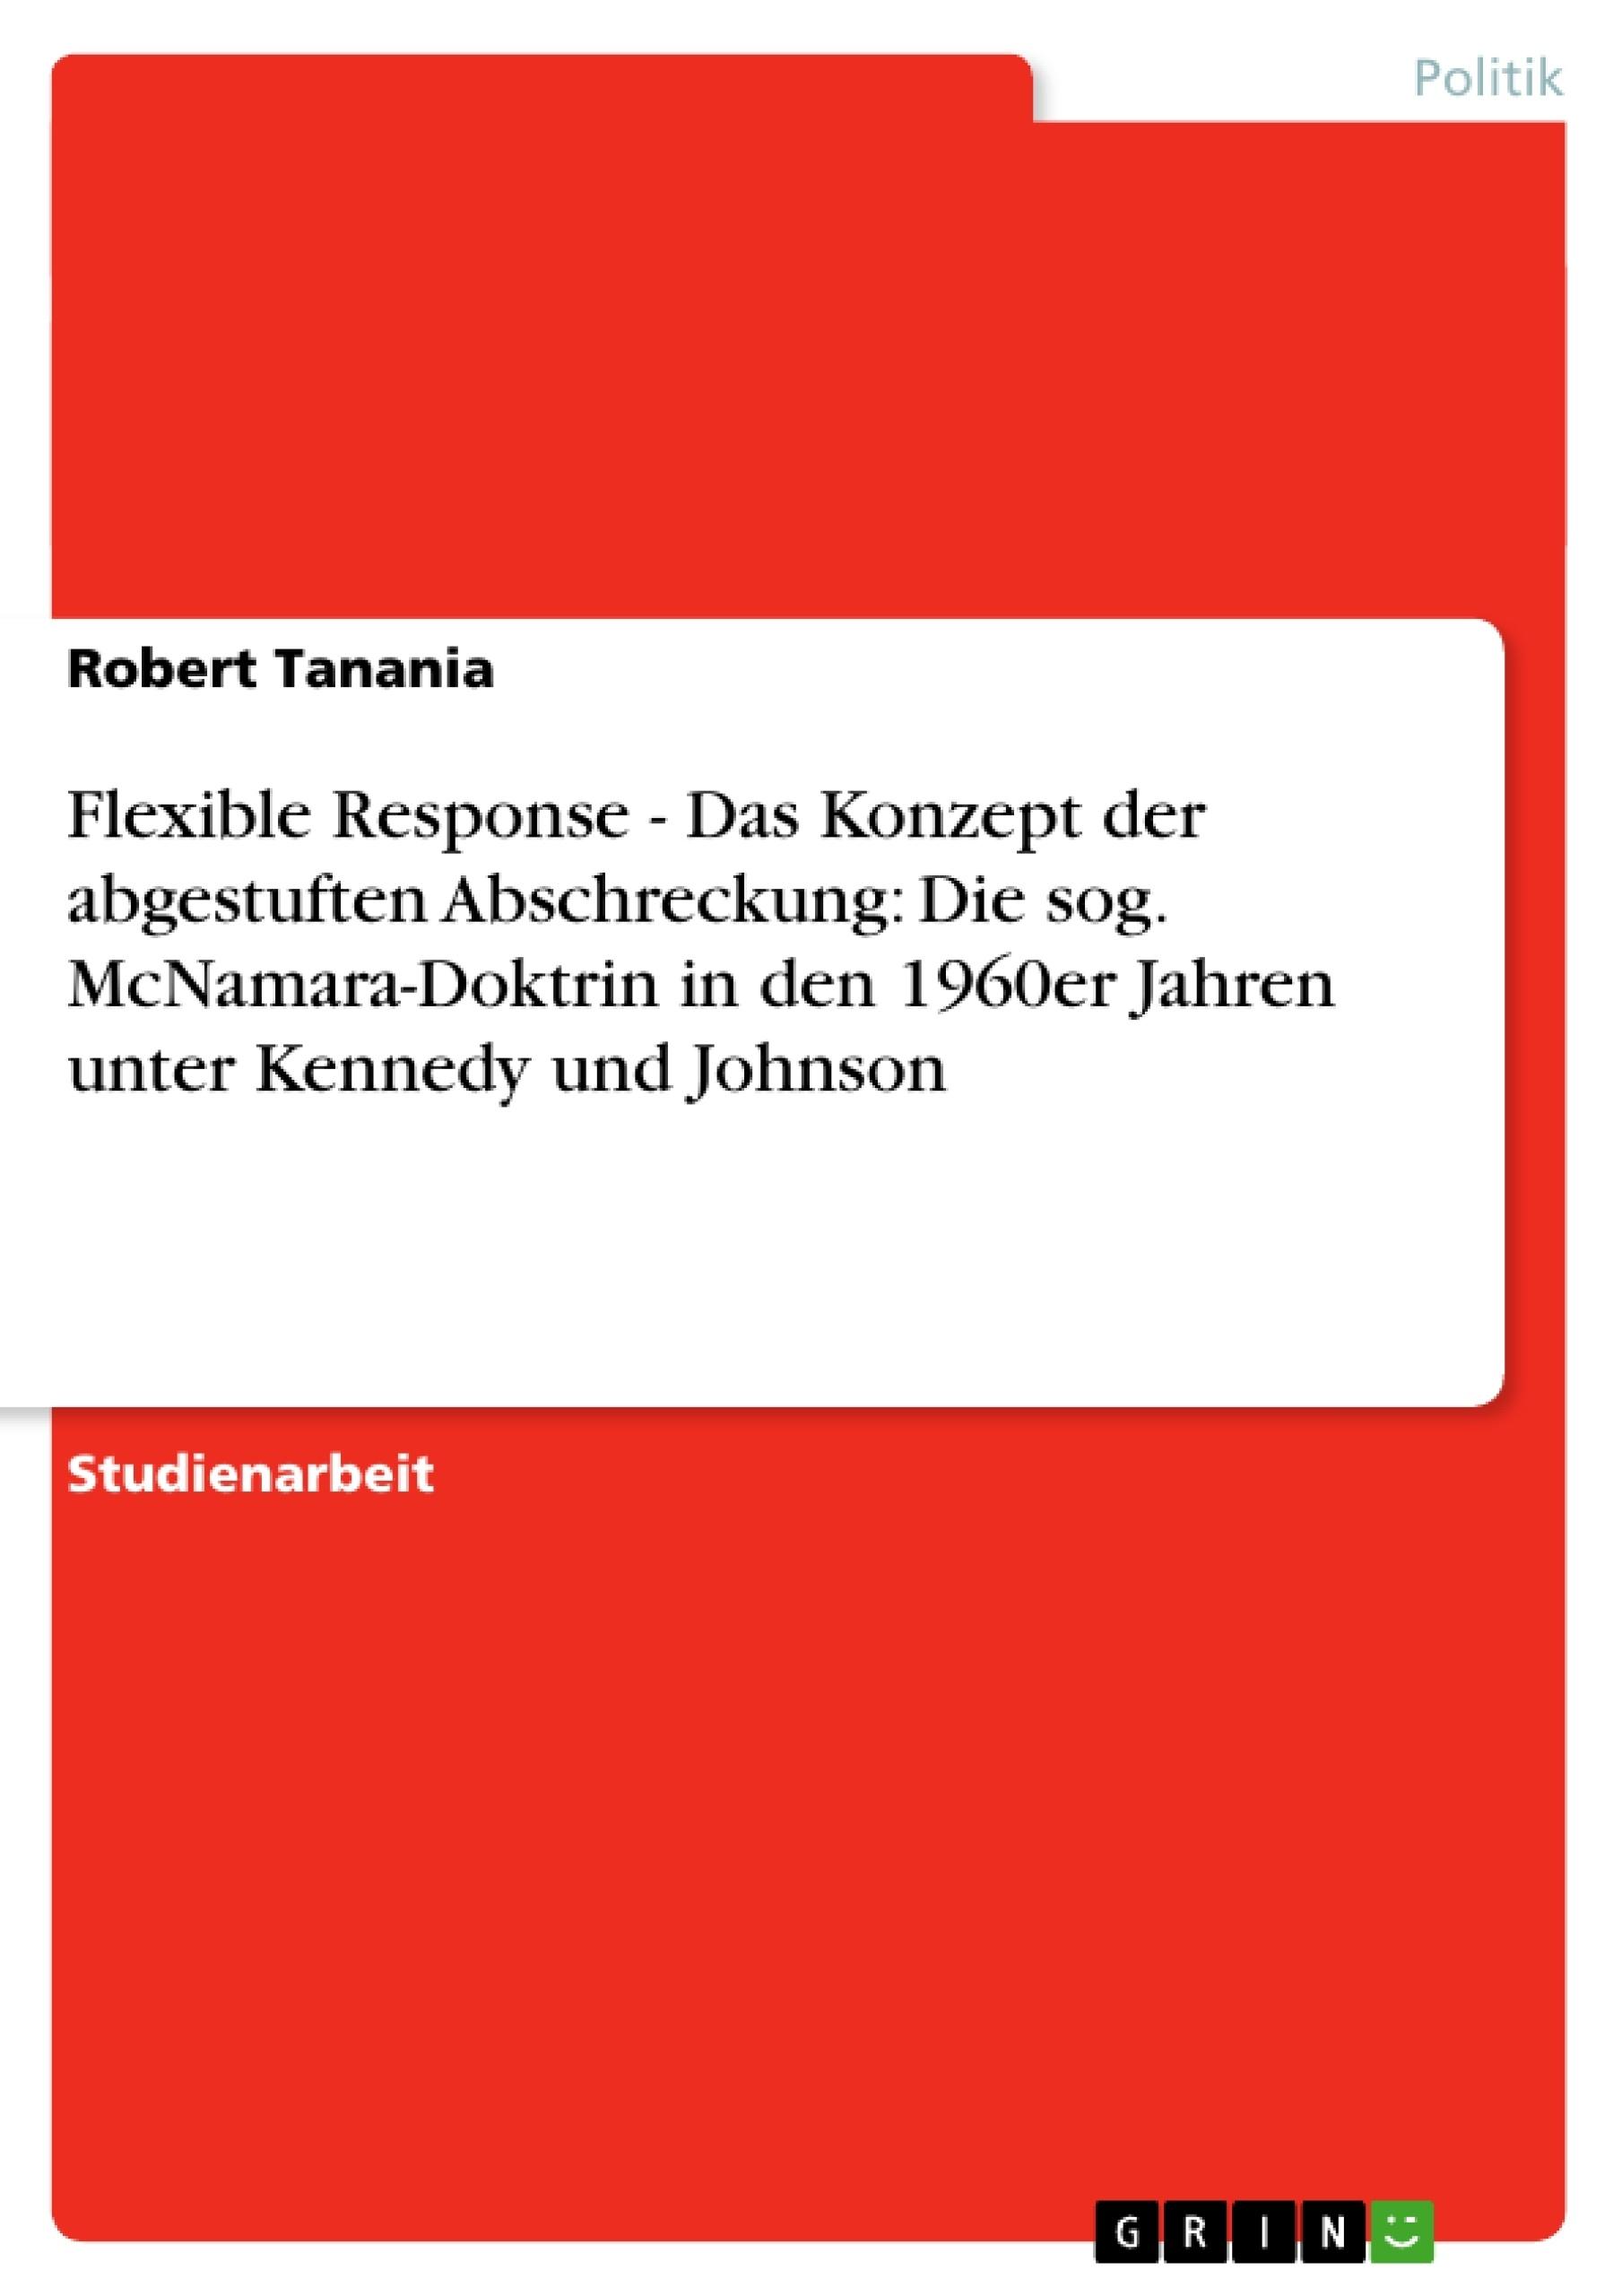 Titel: Flexible Response - Das Konzept der abgestuften Abschreckung: Die sog. McNamara-Doktrin in den 1960er Jahren unter Kennedy und Johnson